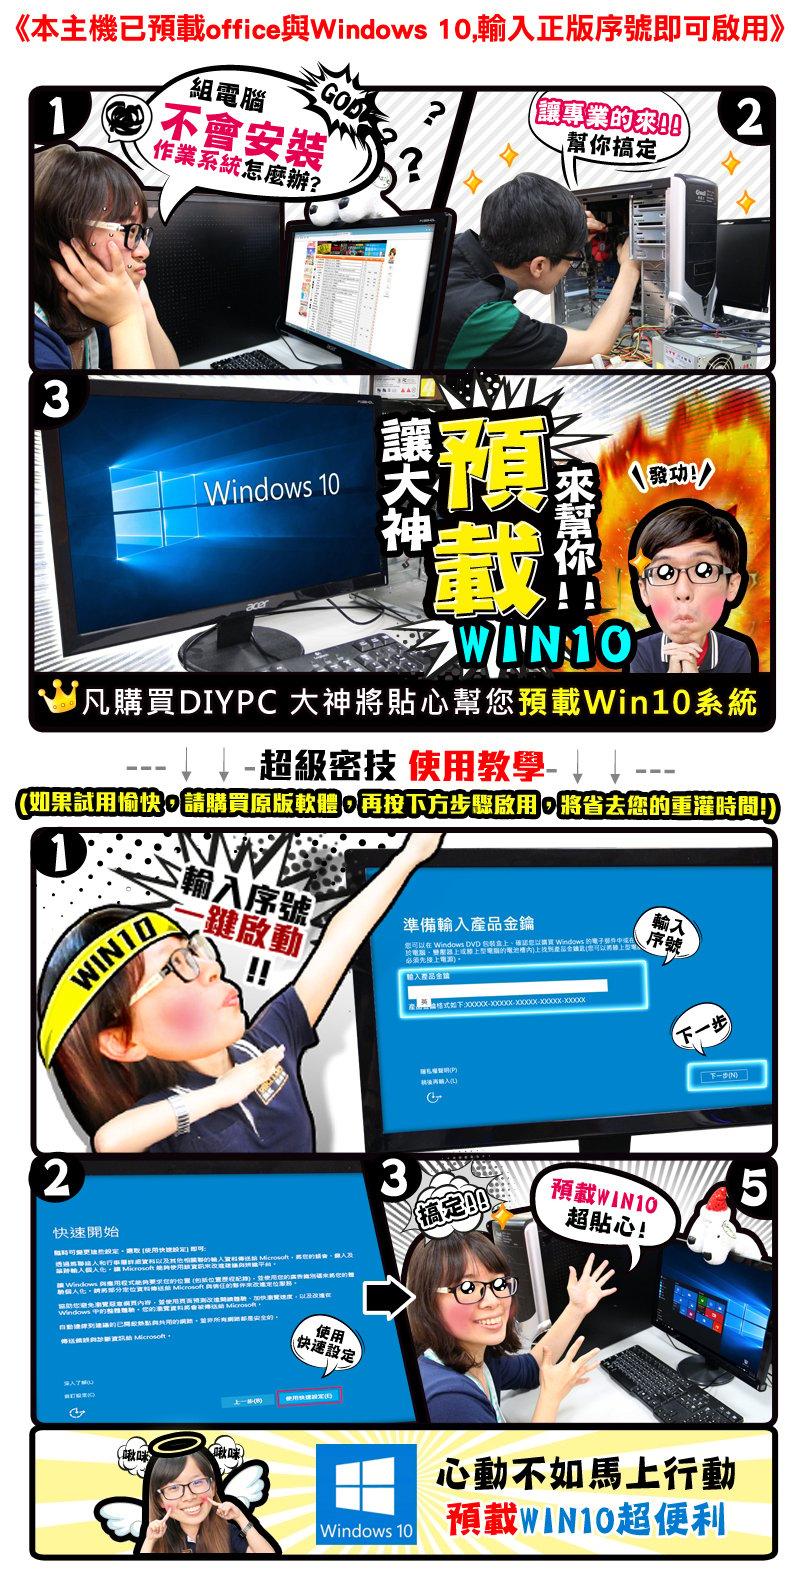 預載windows 10超便利